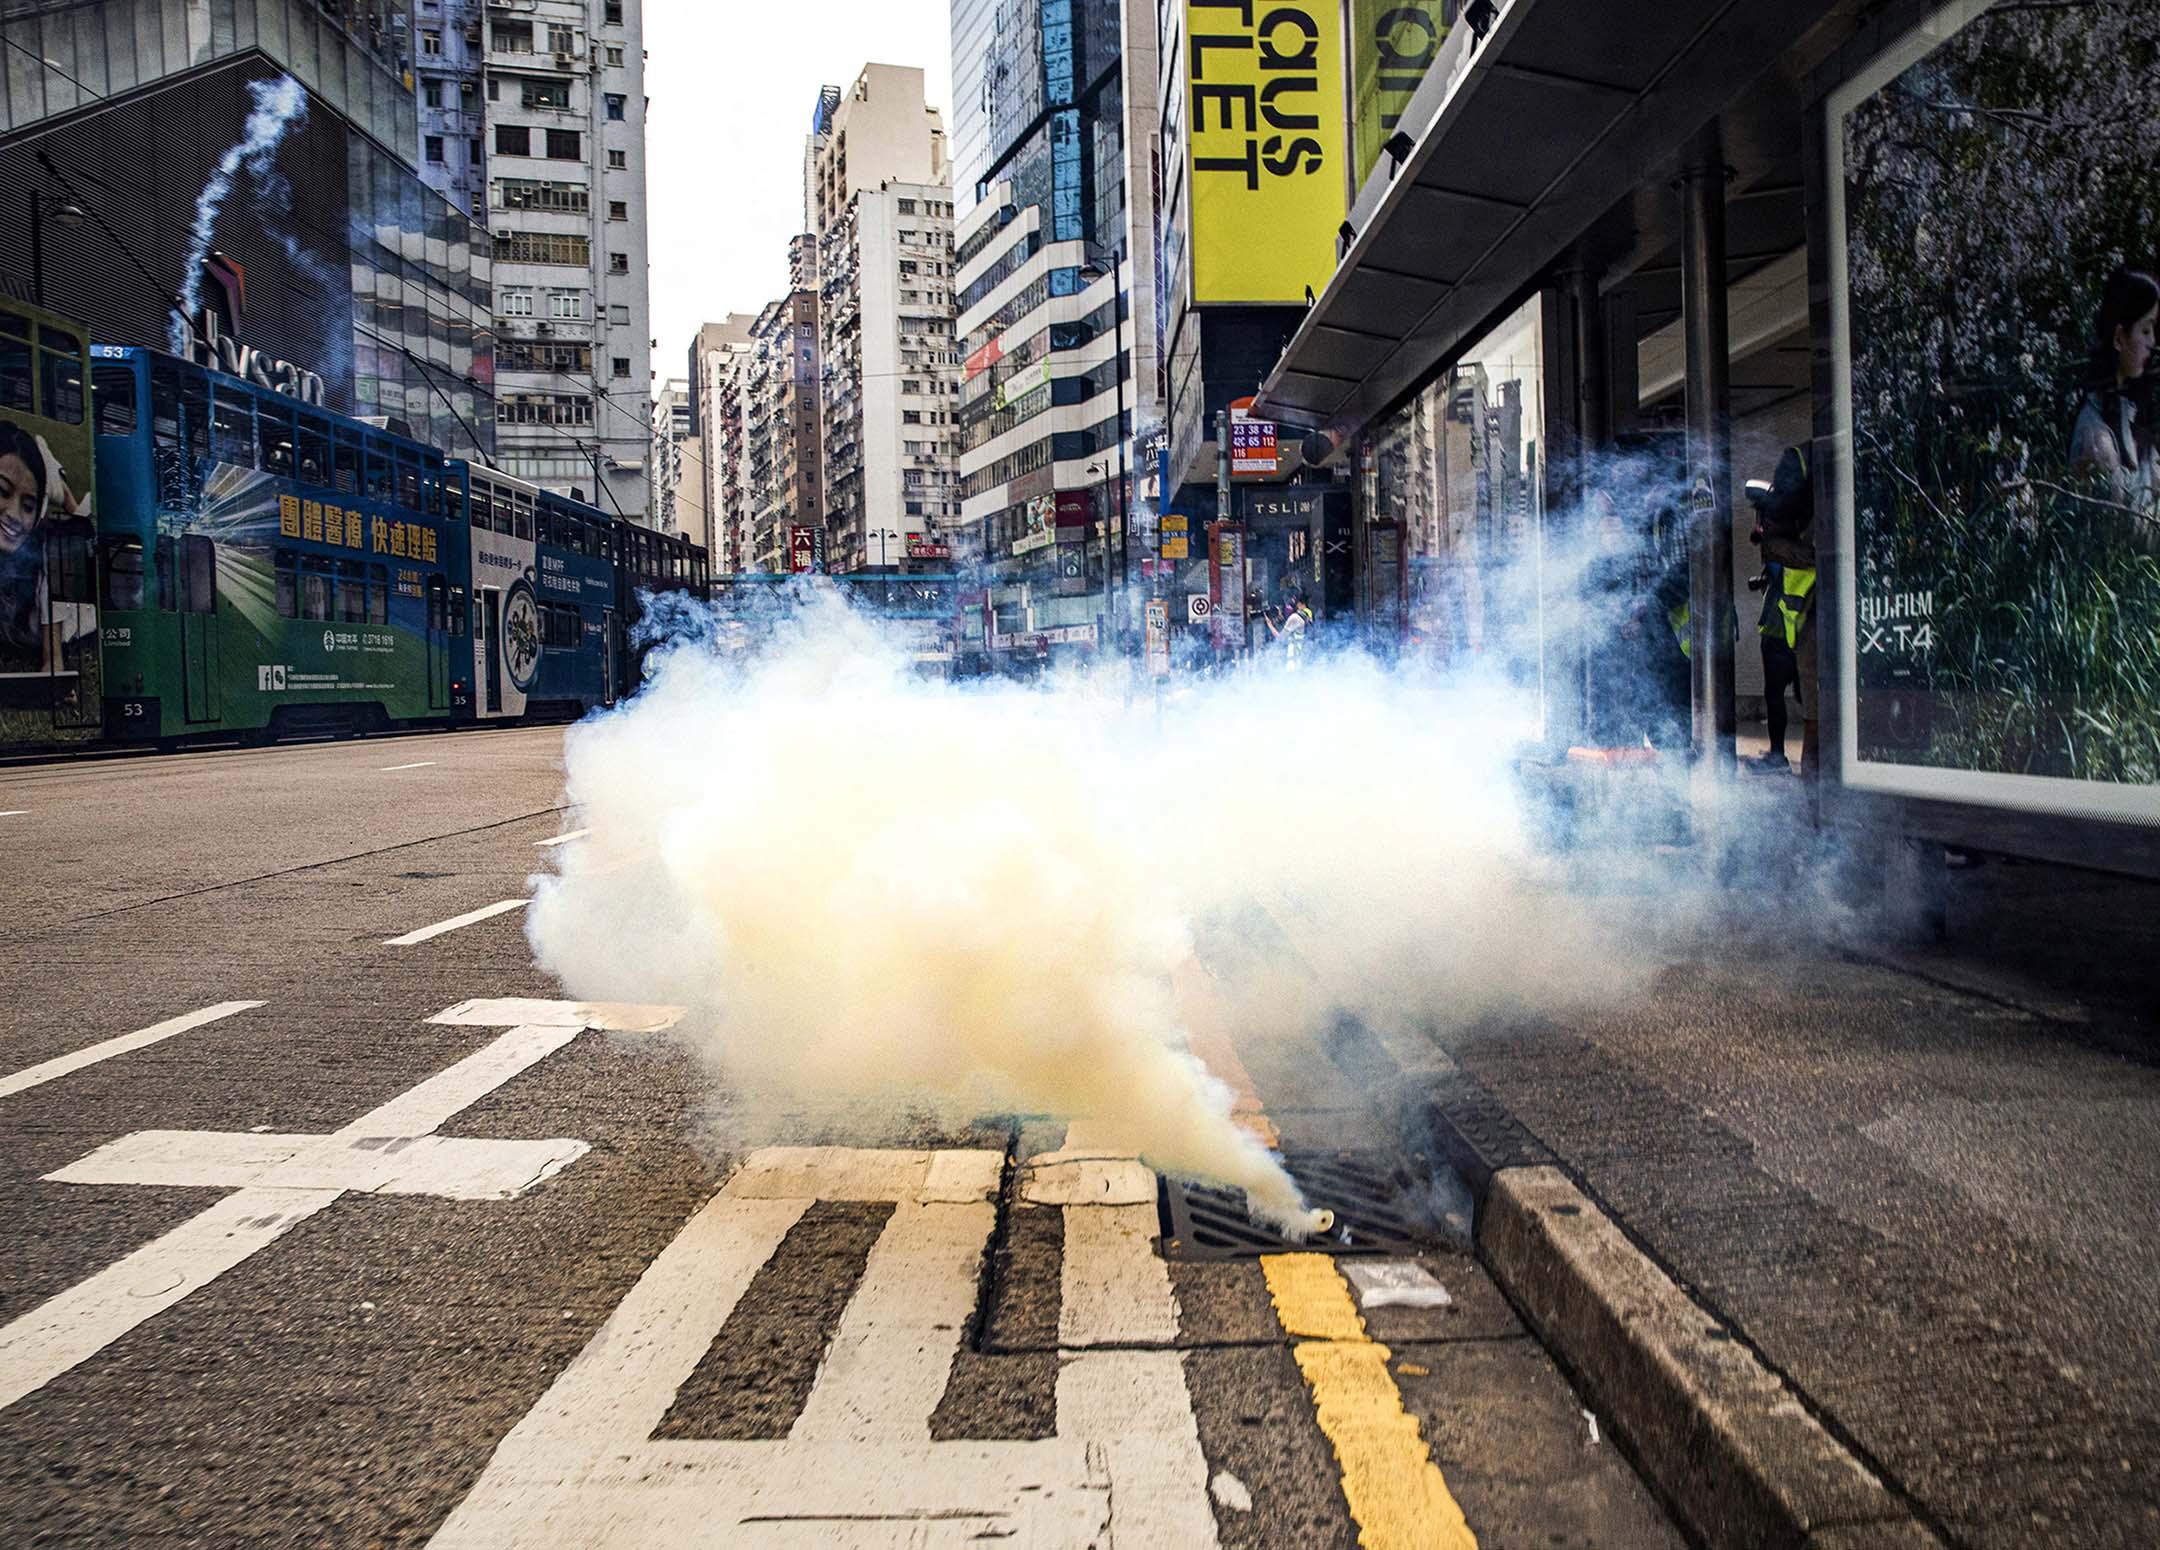 2020年5月24日銅鑼灣,中國全國人人大為香港制定《國安法》的決定草案引起爭議,加上香港立法會就《國歌法條例草案》進行二讀辯論,香港網民遂發起遊行,警方釋放催淚彈,驅散聚集。 攝:陳焯煇/端傳媒